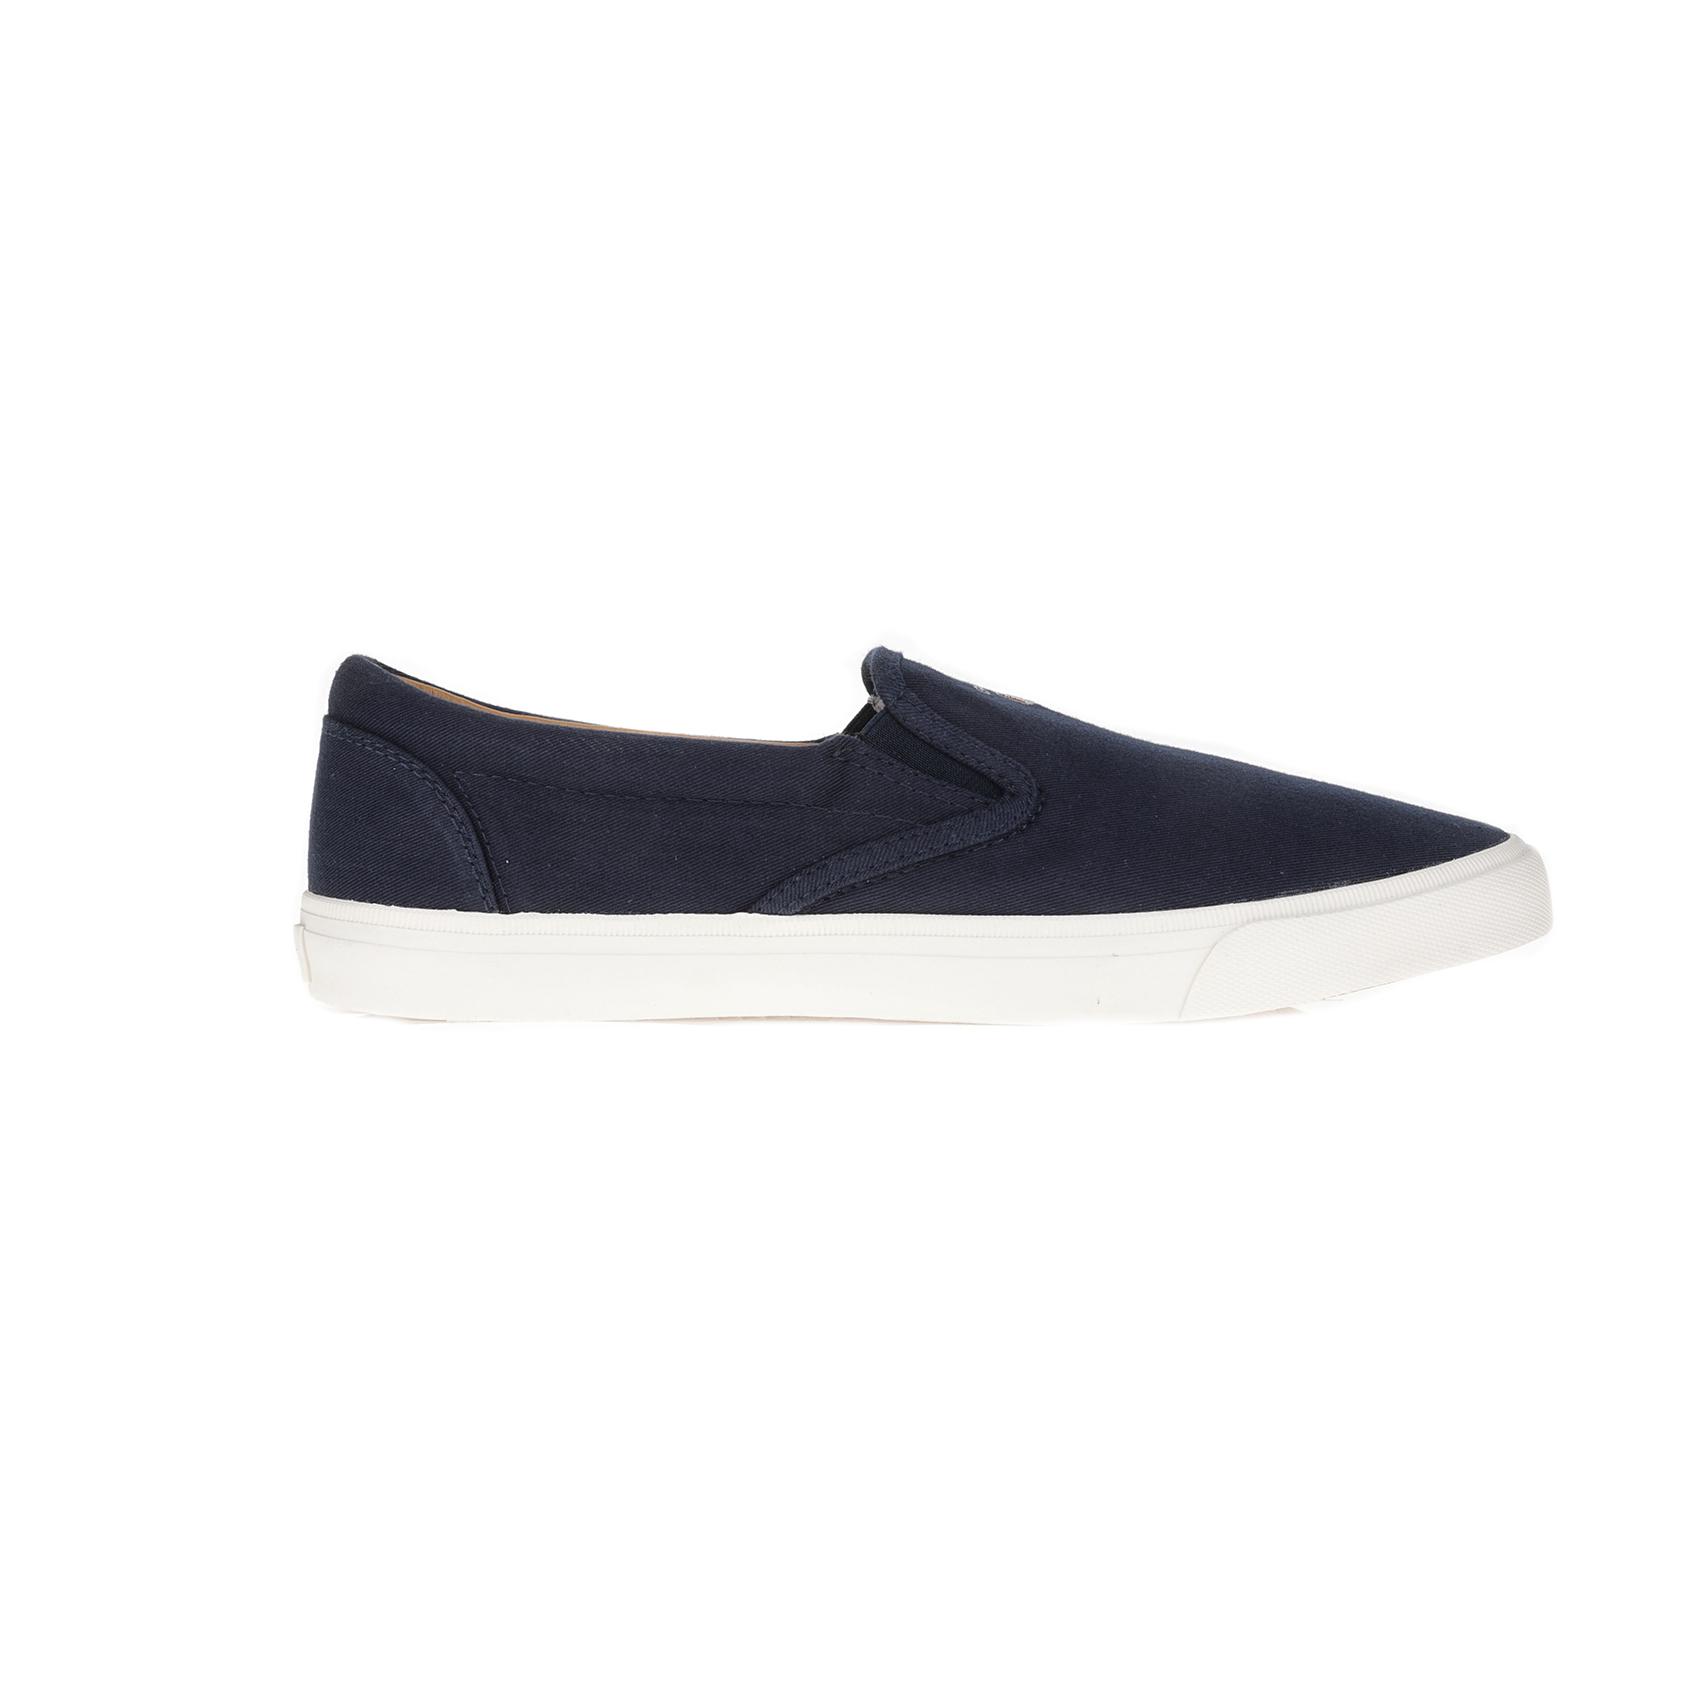 GANT – Ανδρικά παπούτσια GANT Hero μπλε